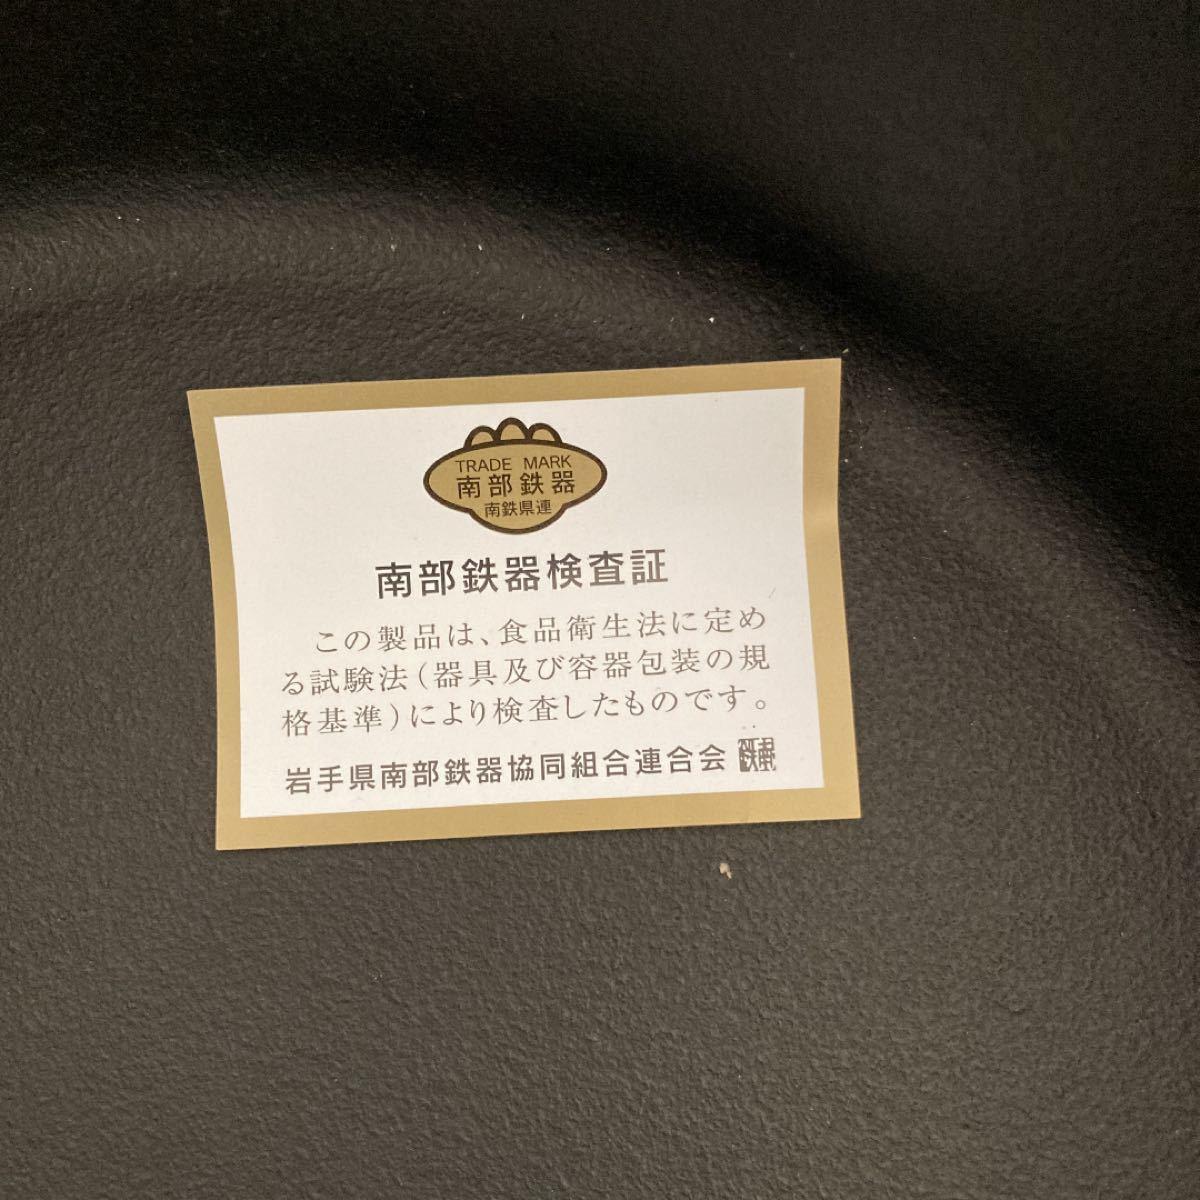 IH対応 柳宗理 鍋 鉄鍋 日本製  鉄 22cm 未使用